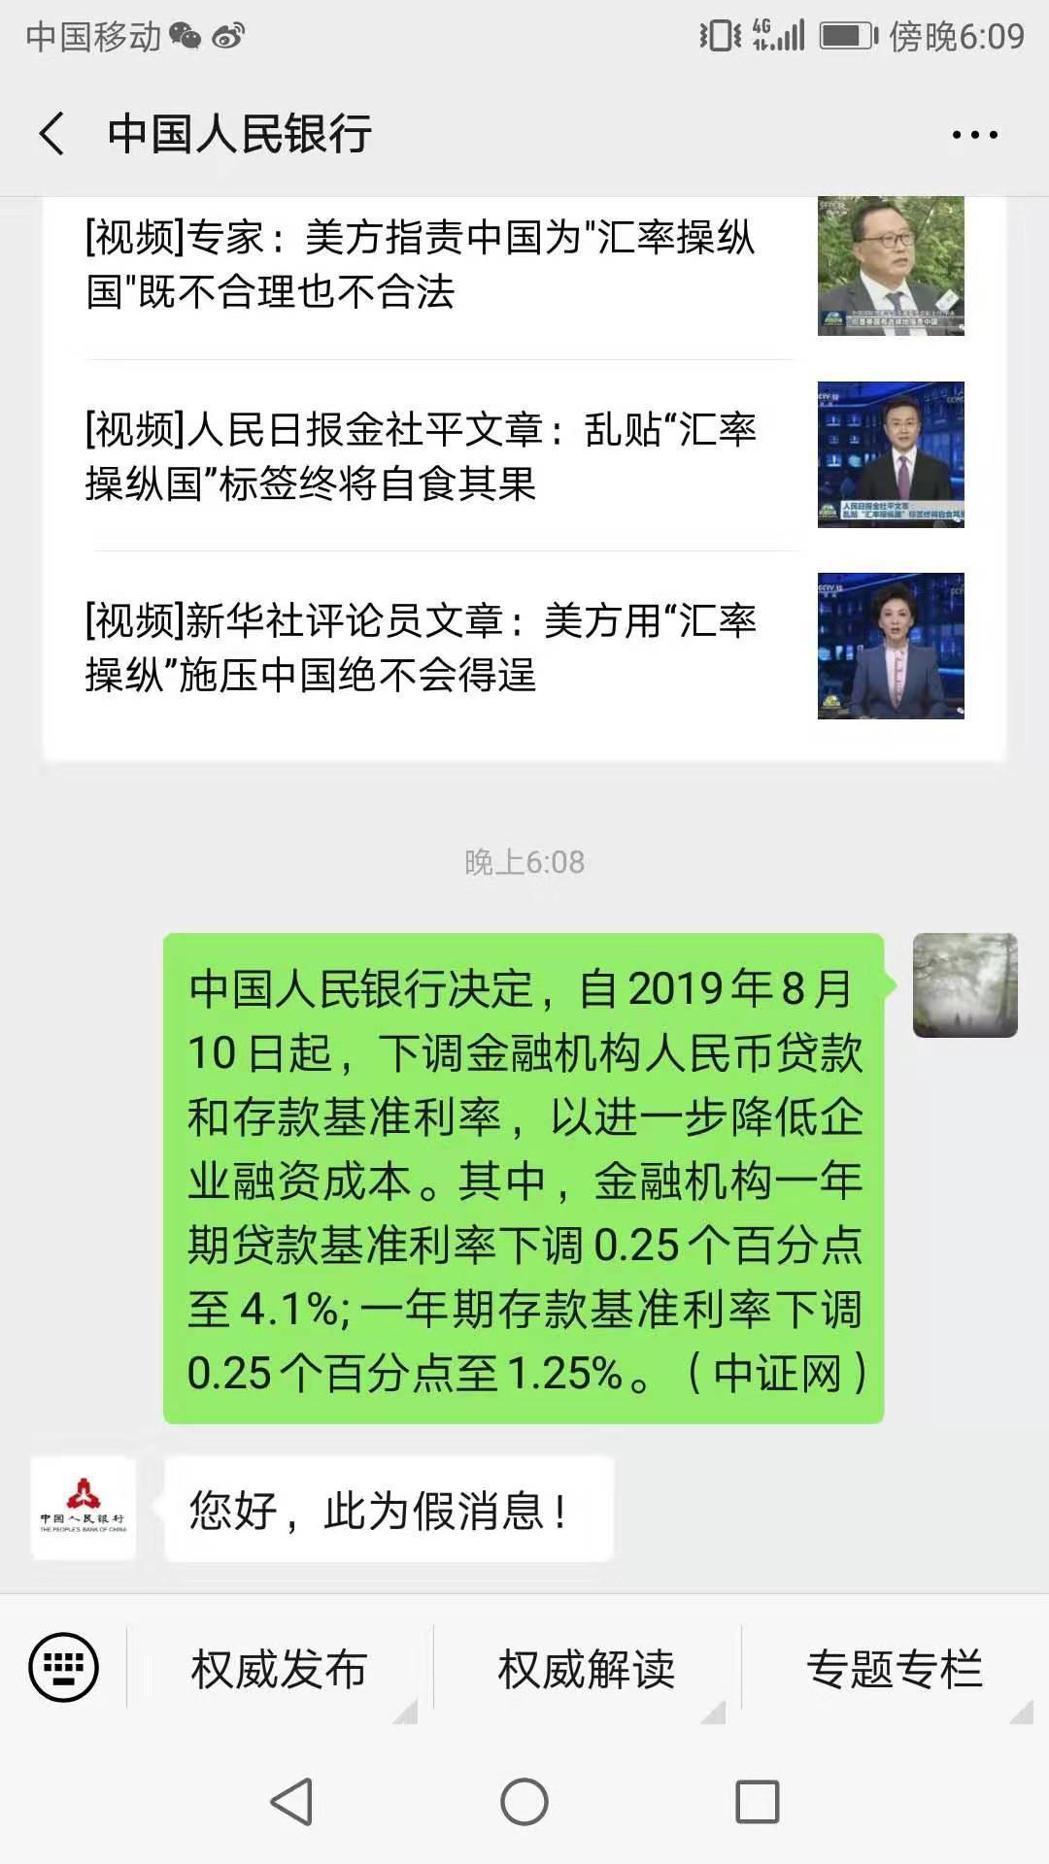 宣稱來自《中證網》的一則降息訊息今天在網路上盛傳,遭到大陸央行和《中國證券報》闢...